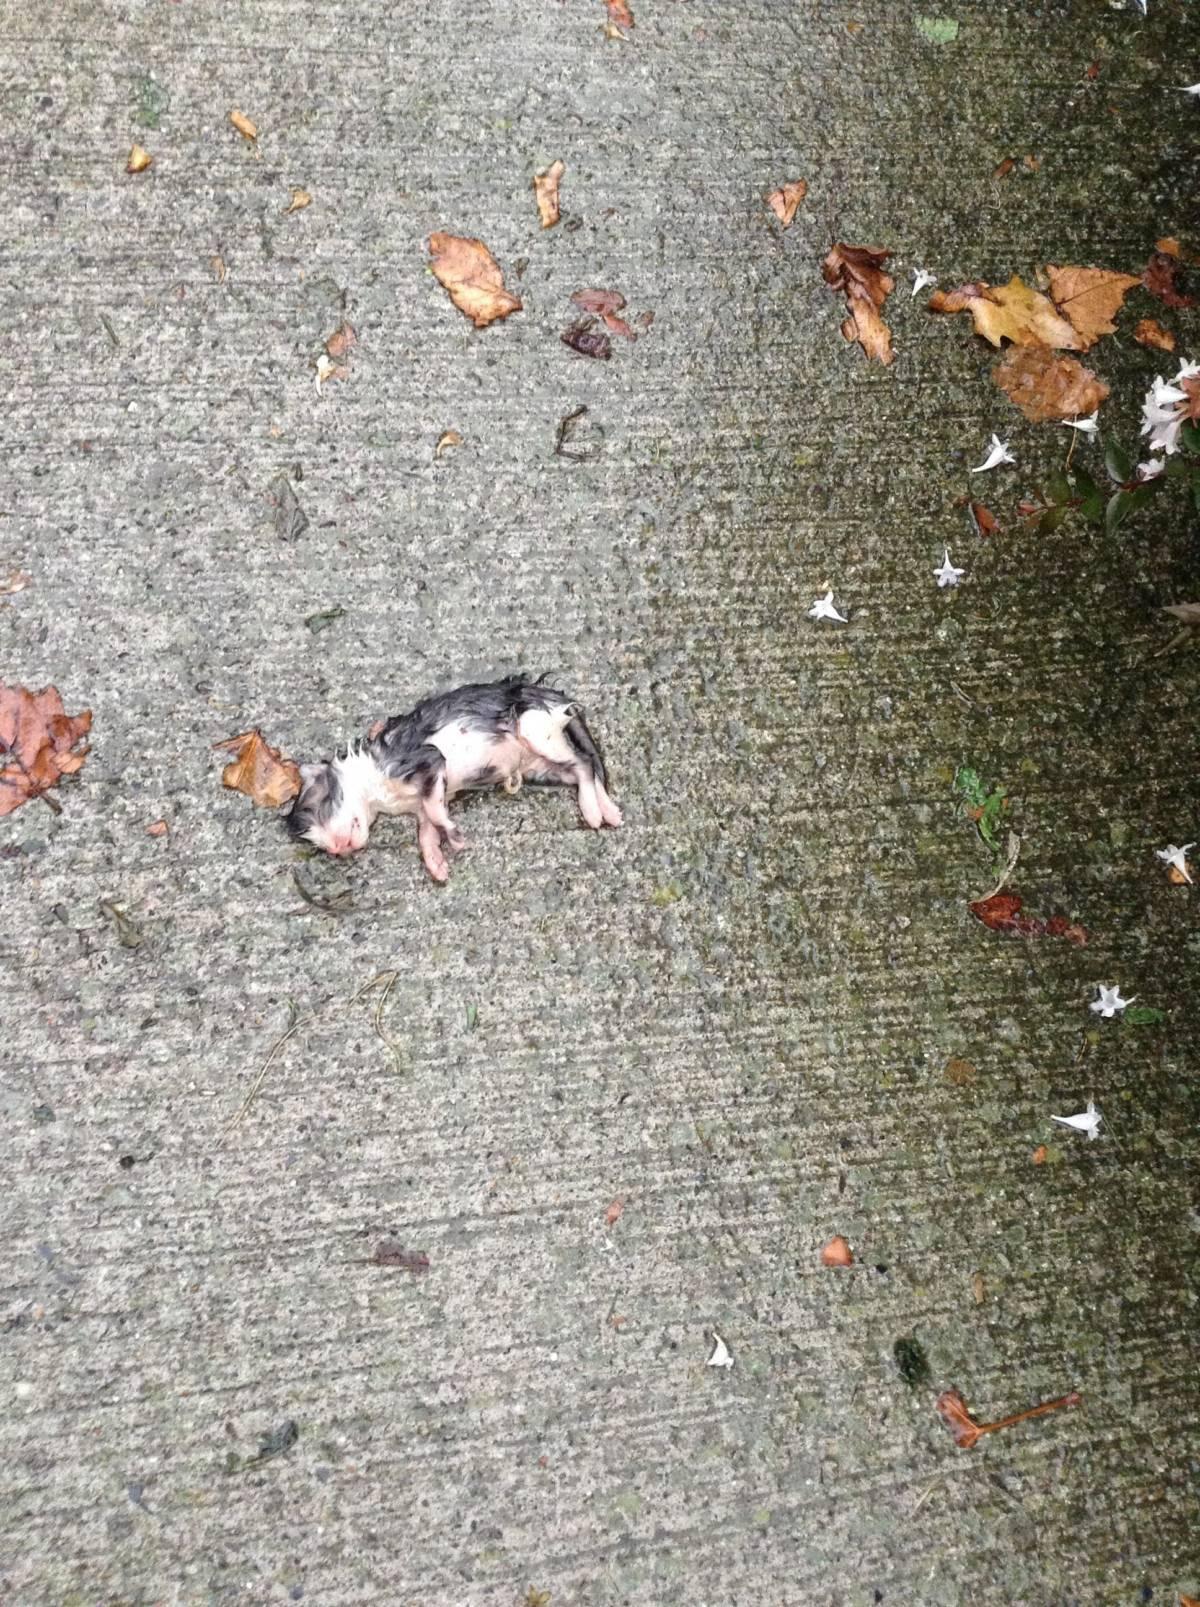 Kobieta znajduje maleńkiego kotka, leżącego samotnie w deszczu na betonie